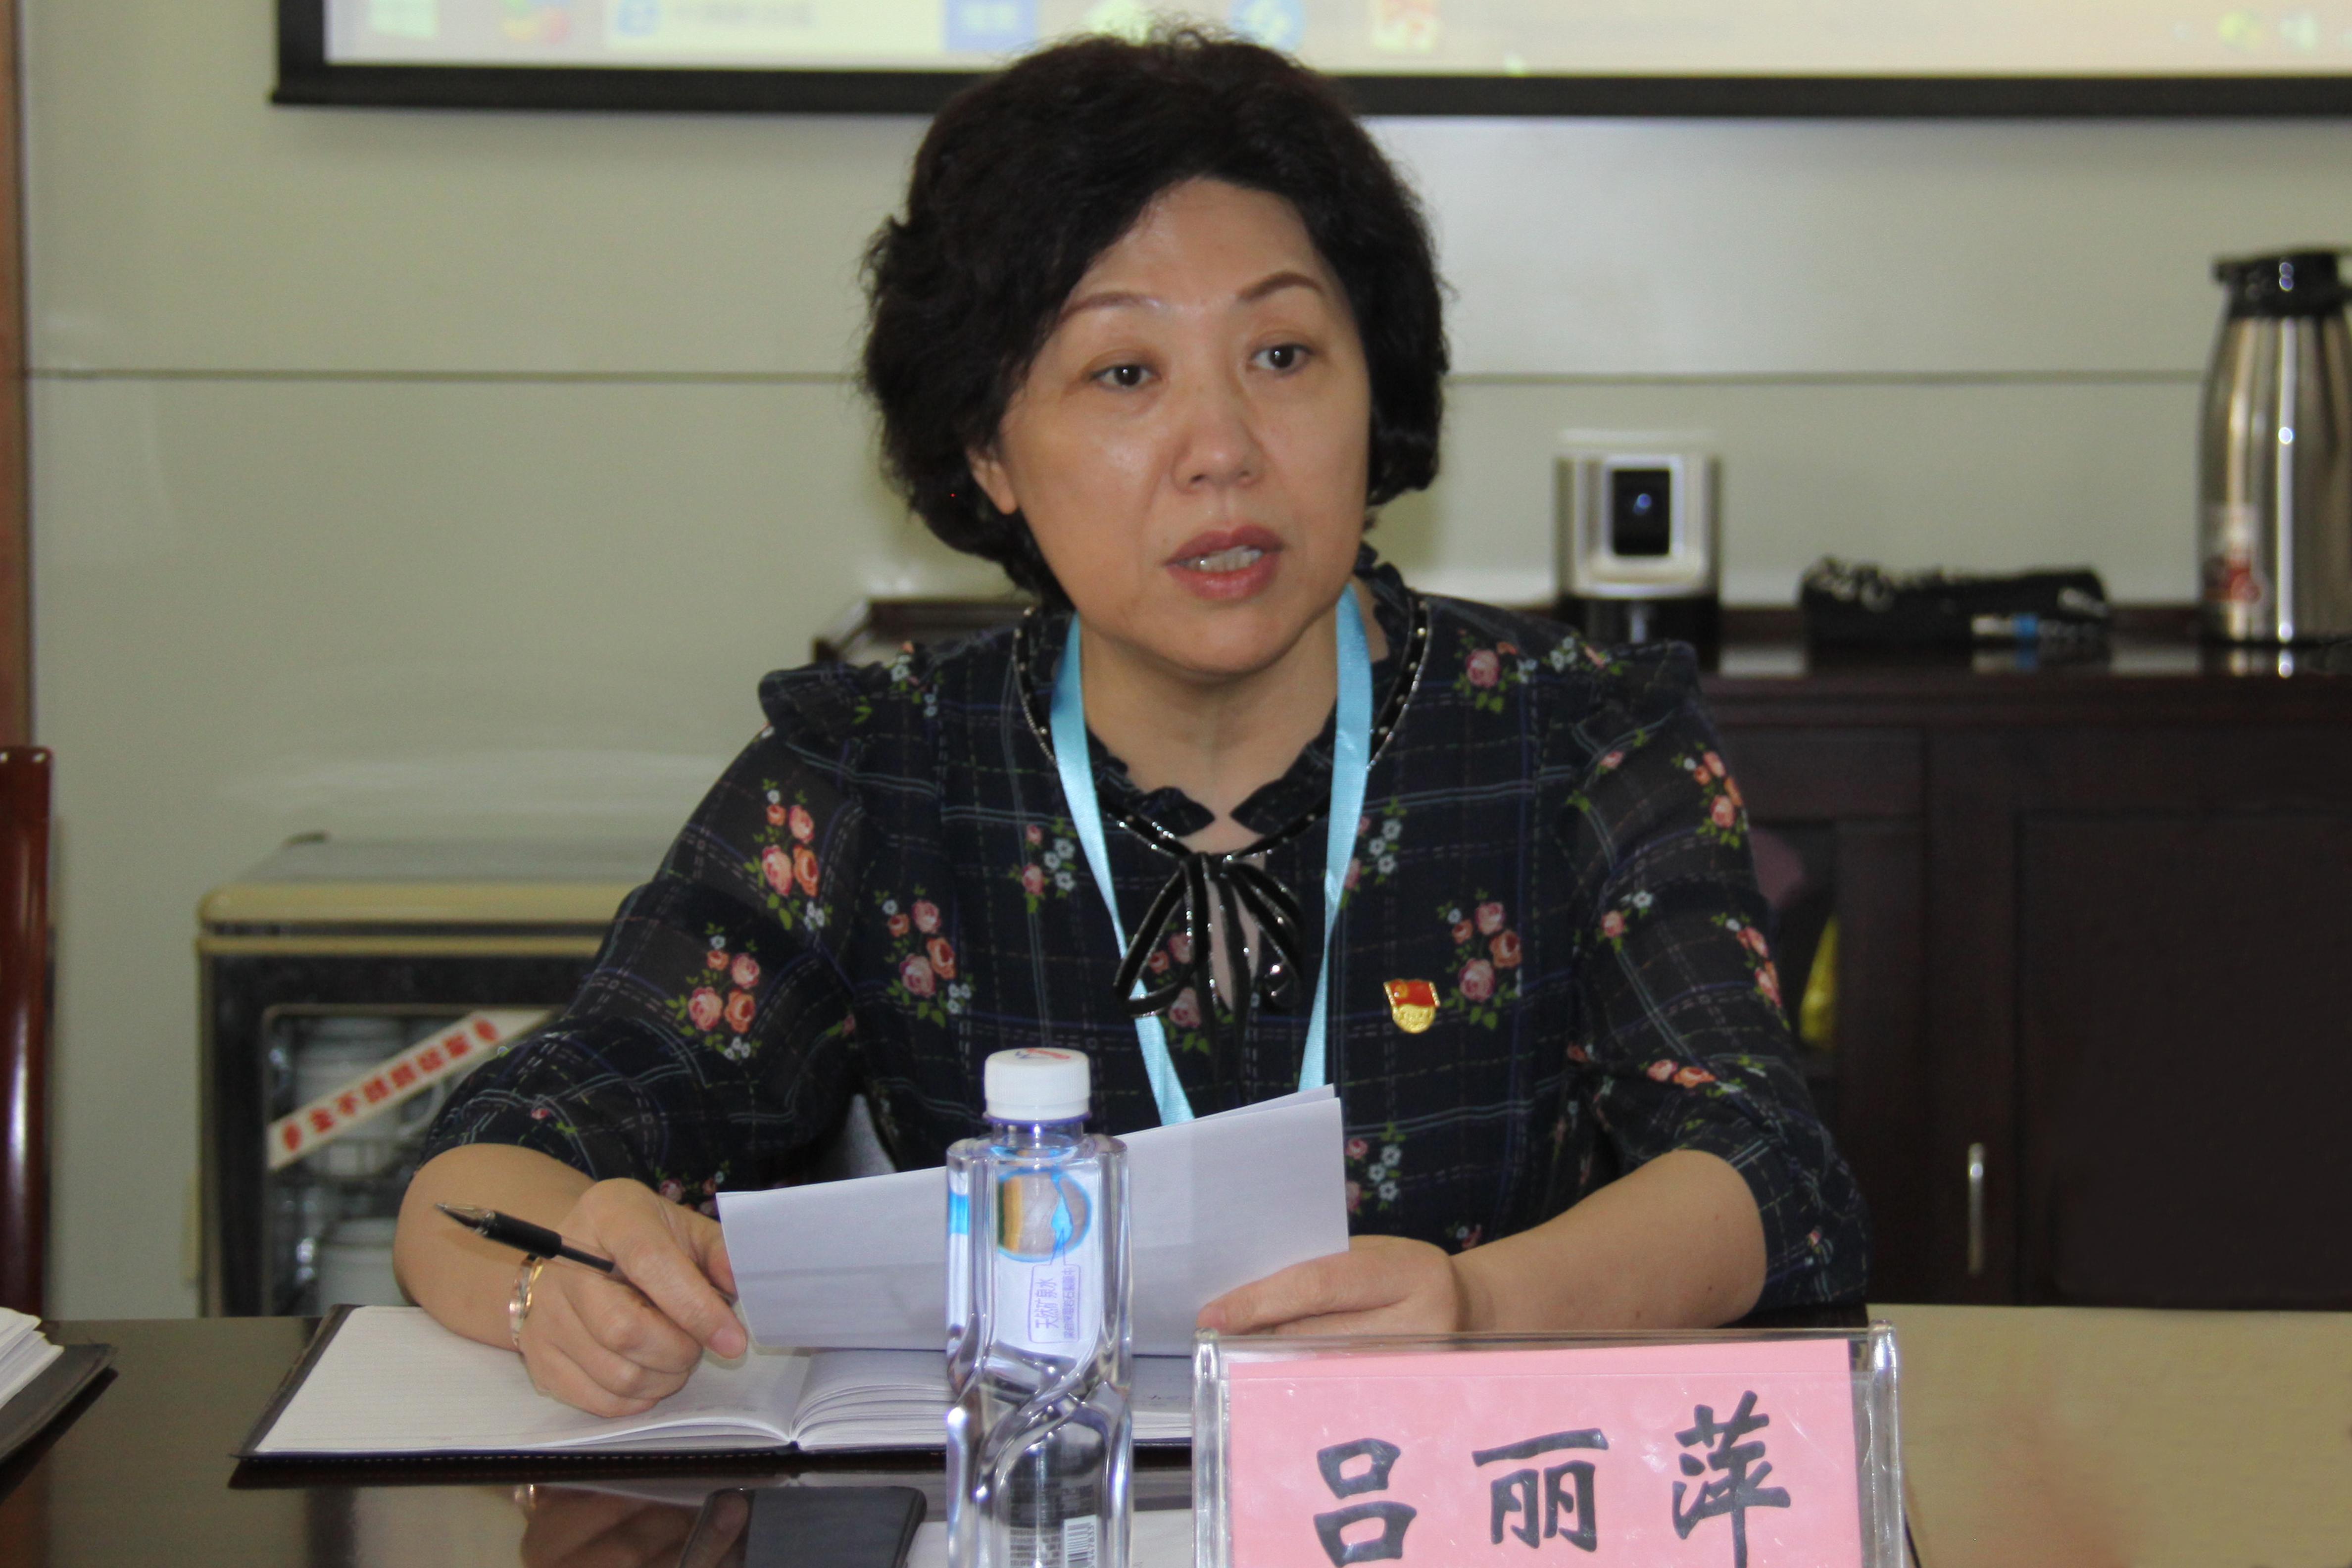 济南市第二人民医院党委书记吕丽萍汇报情况